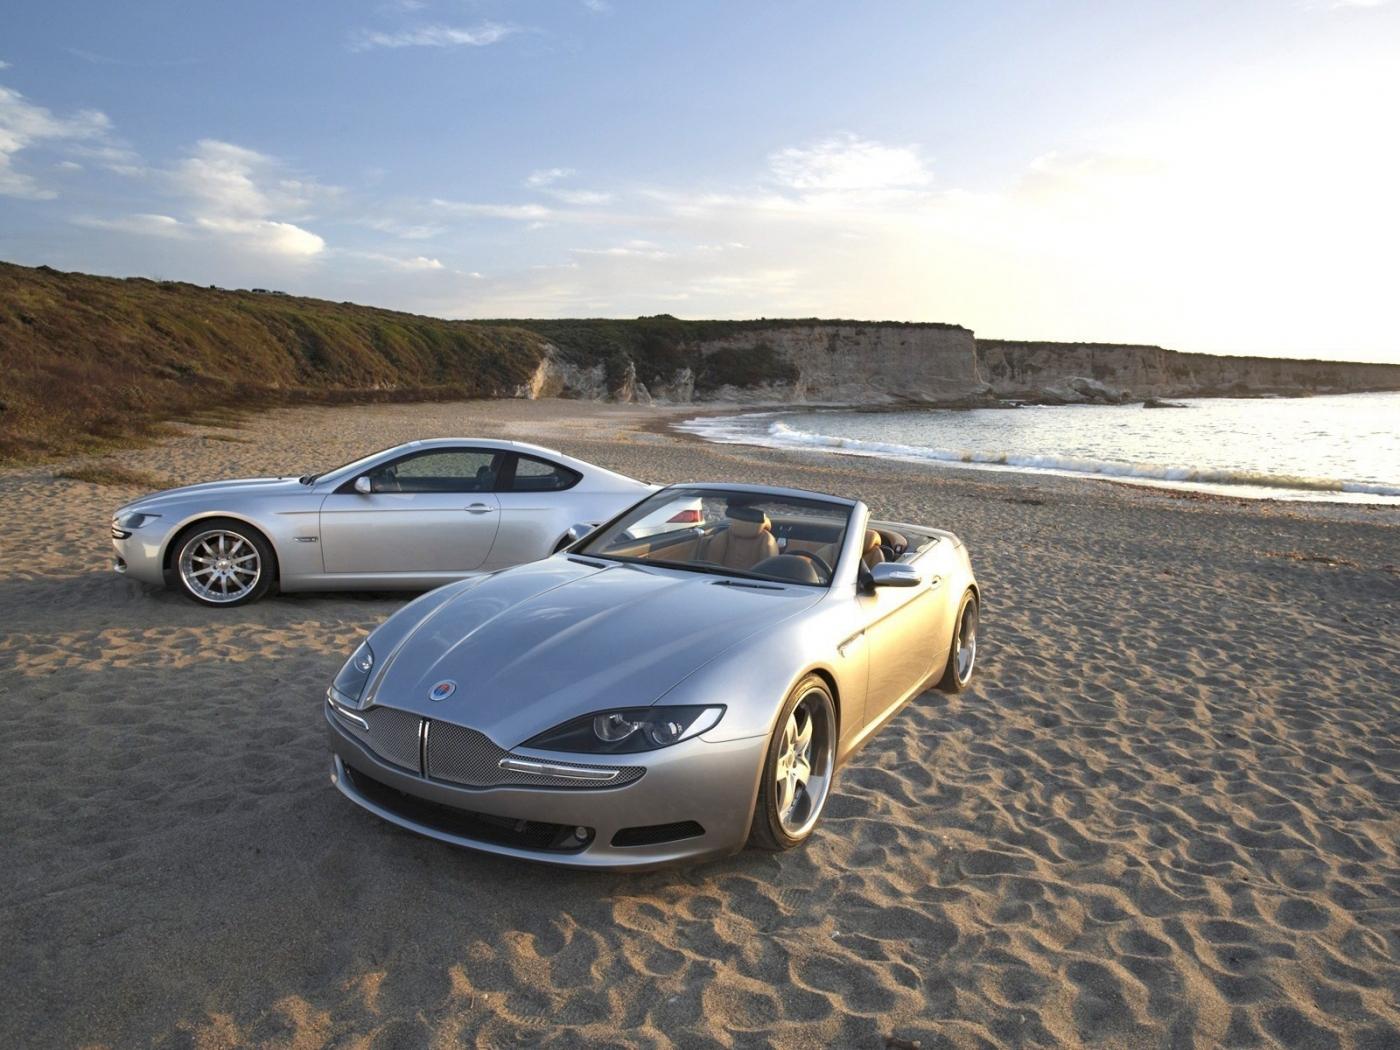 24816 скачать обои Транспорт, Пейзаж, Машины, Море, Пляж - заставки и картинки бесплатно